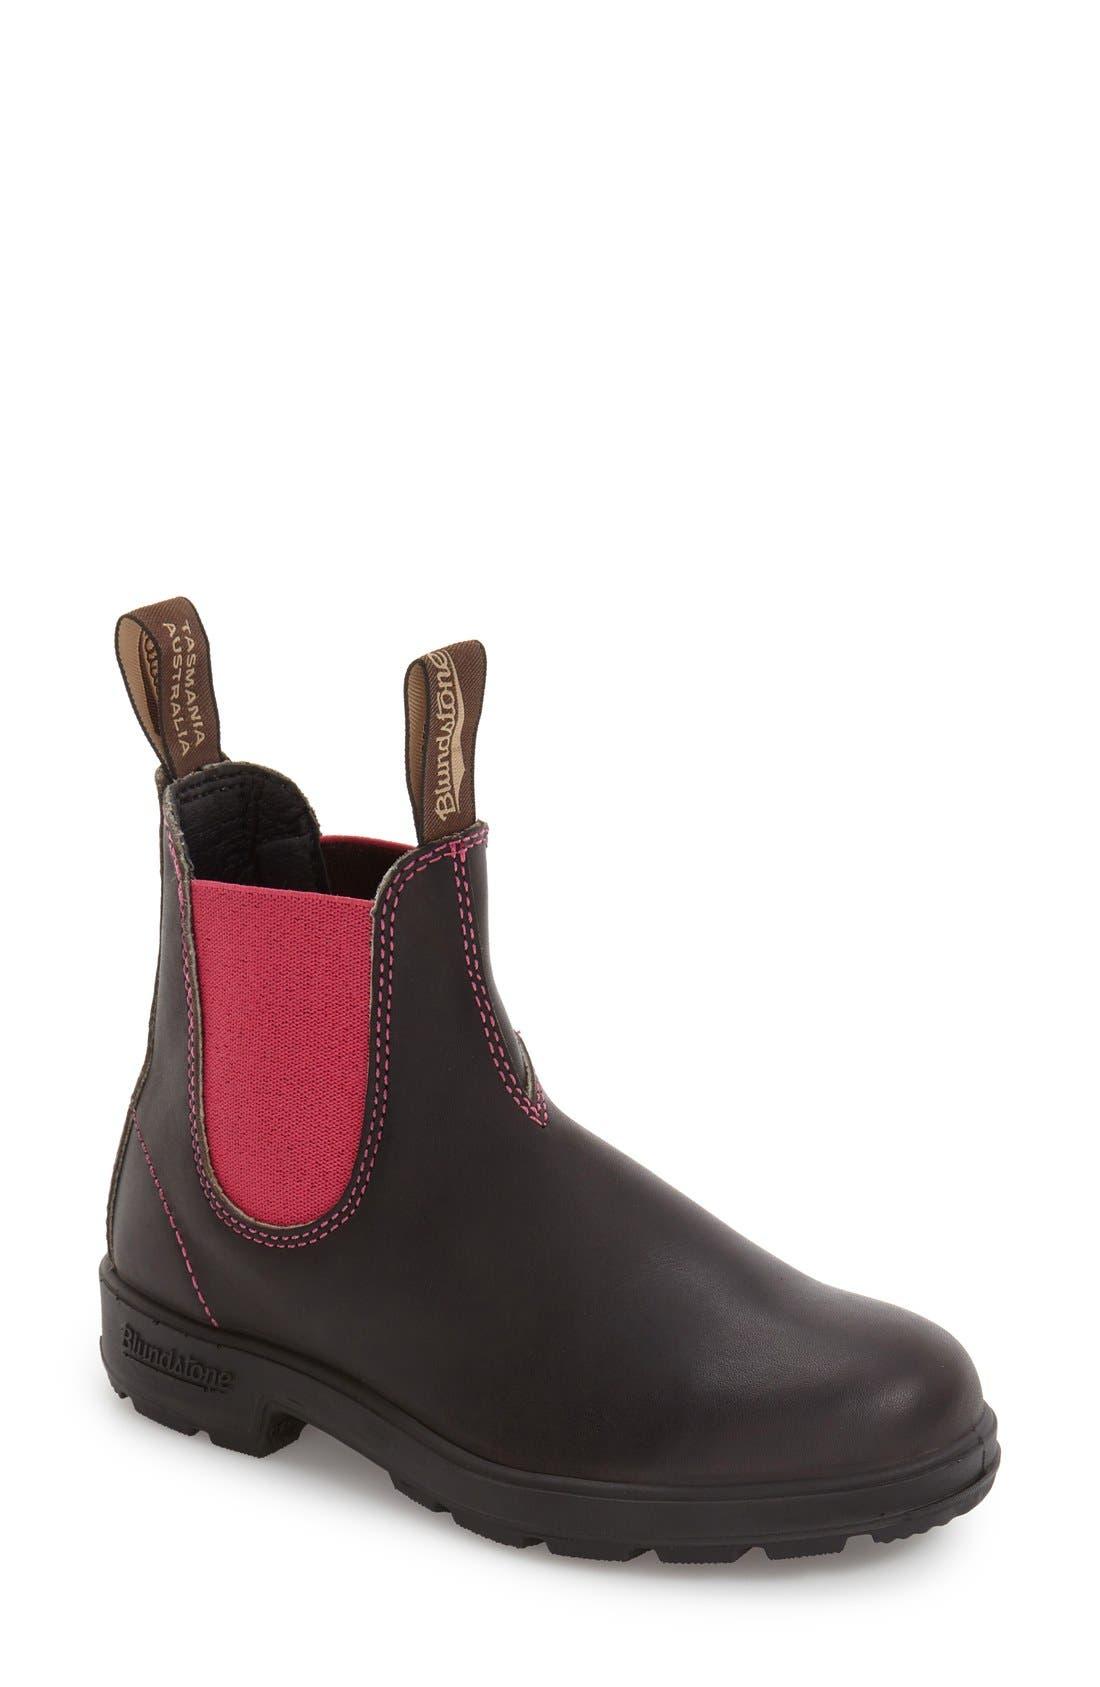 Footwear 'Original - 500 Series' Water Resistant Chelsea Boot,                         Main,                         color, 200